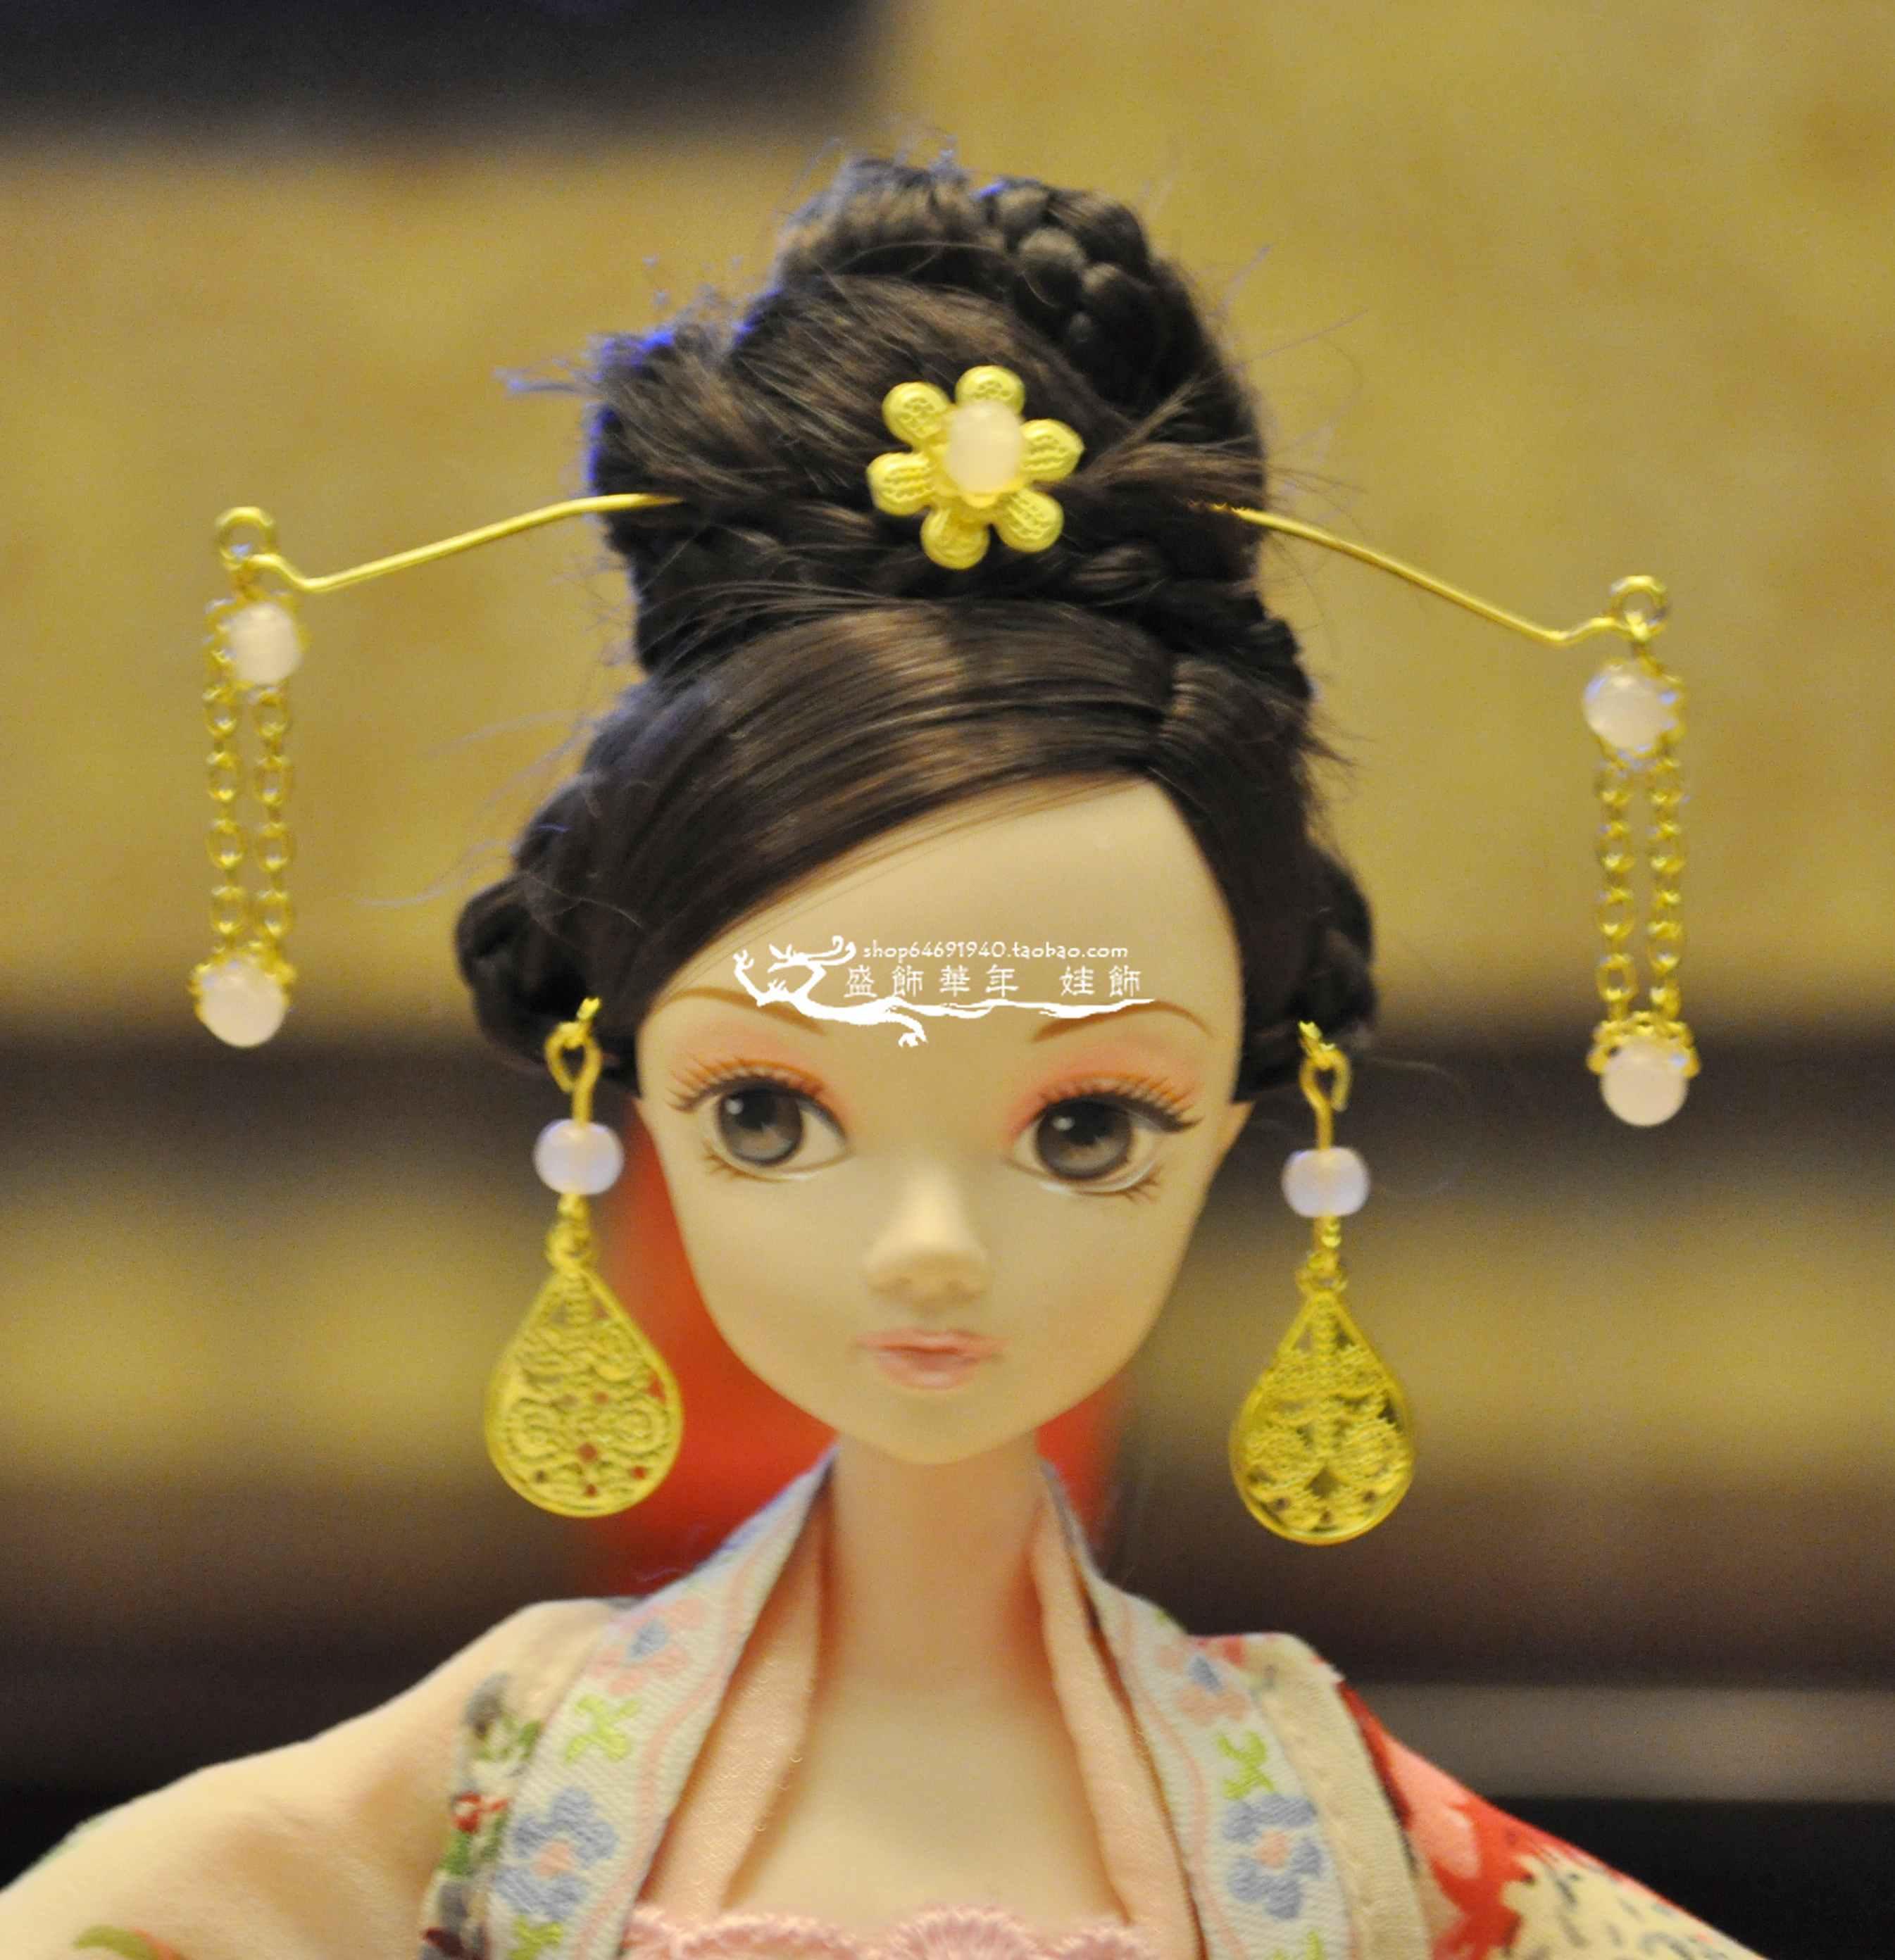 可儿娃娃头饰教程_可儿娃娃古装教程_可儿娃娃古装教程画法